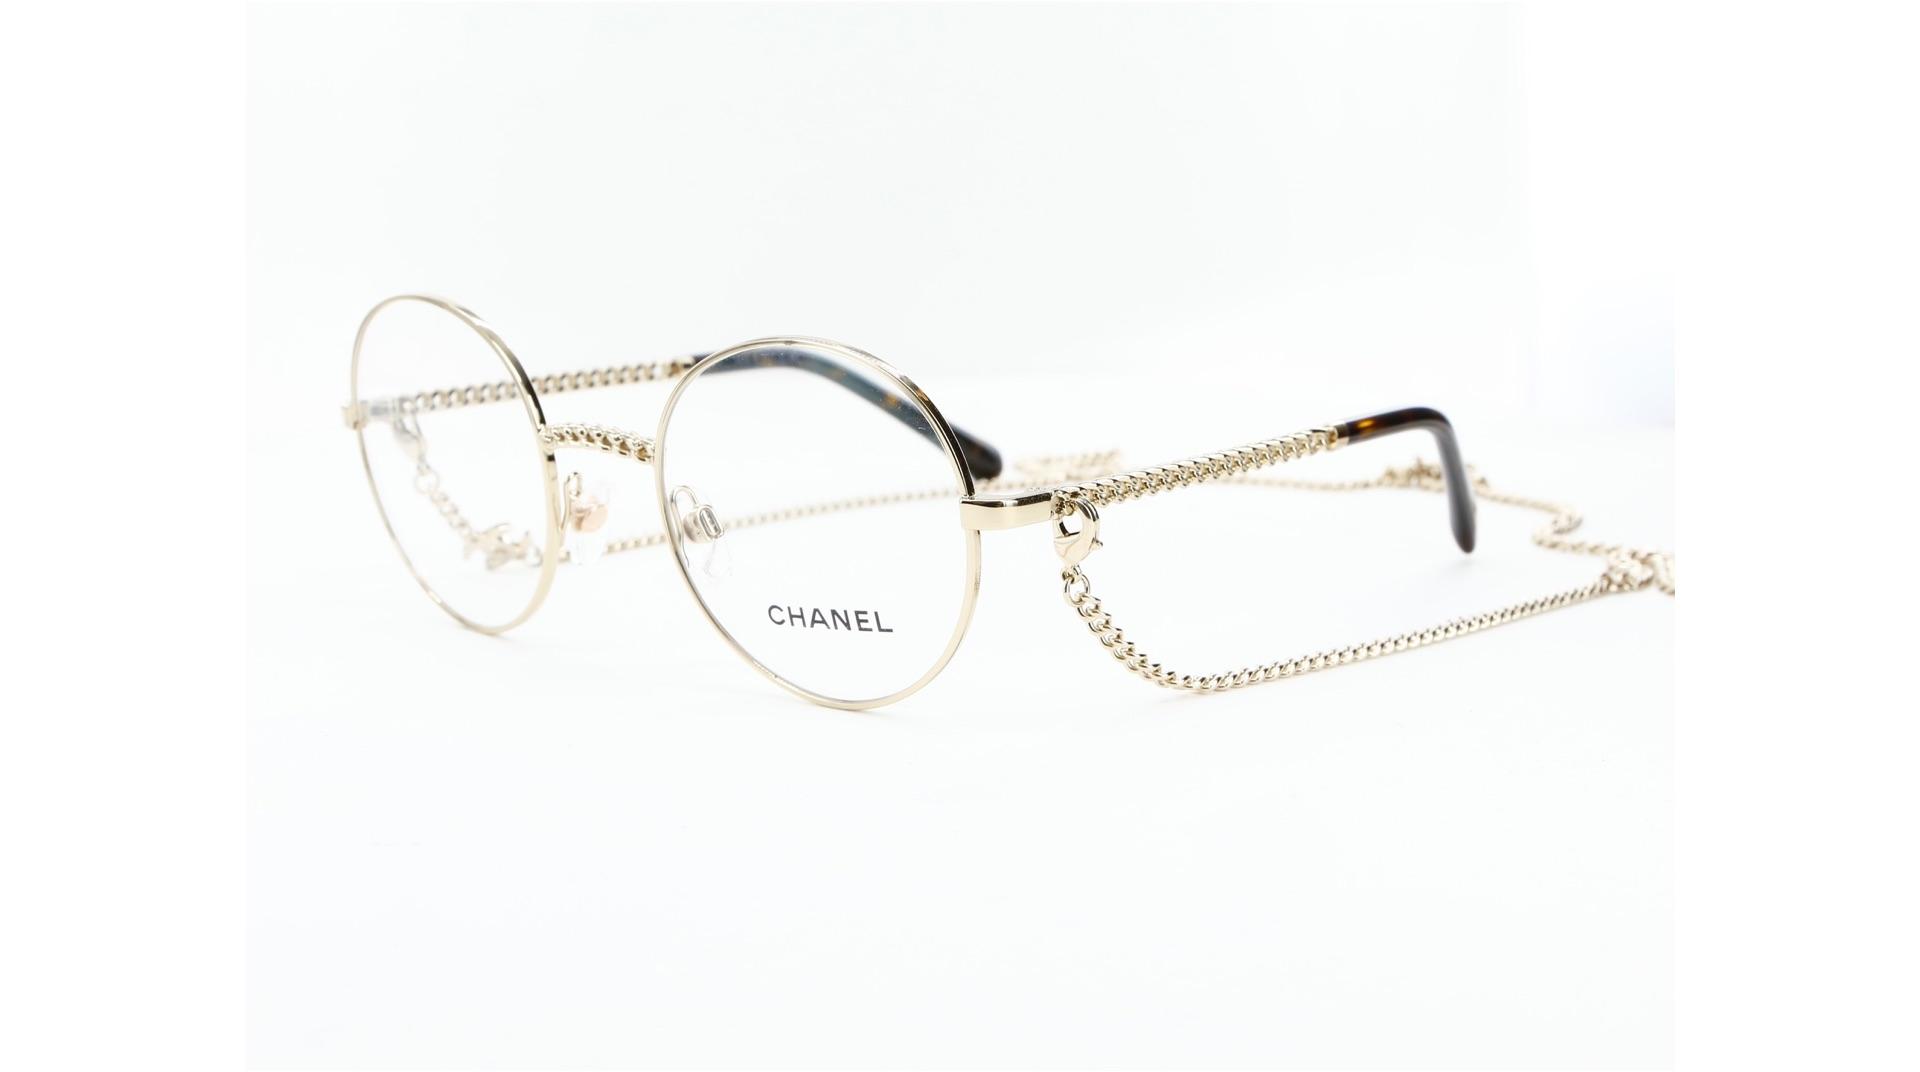 Chanel - ref: 80696